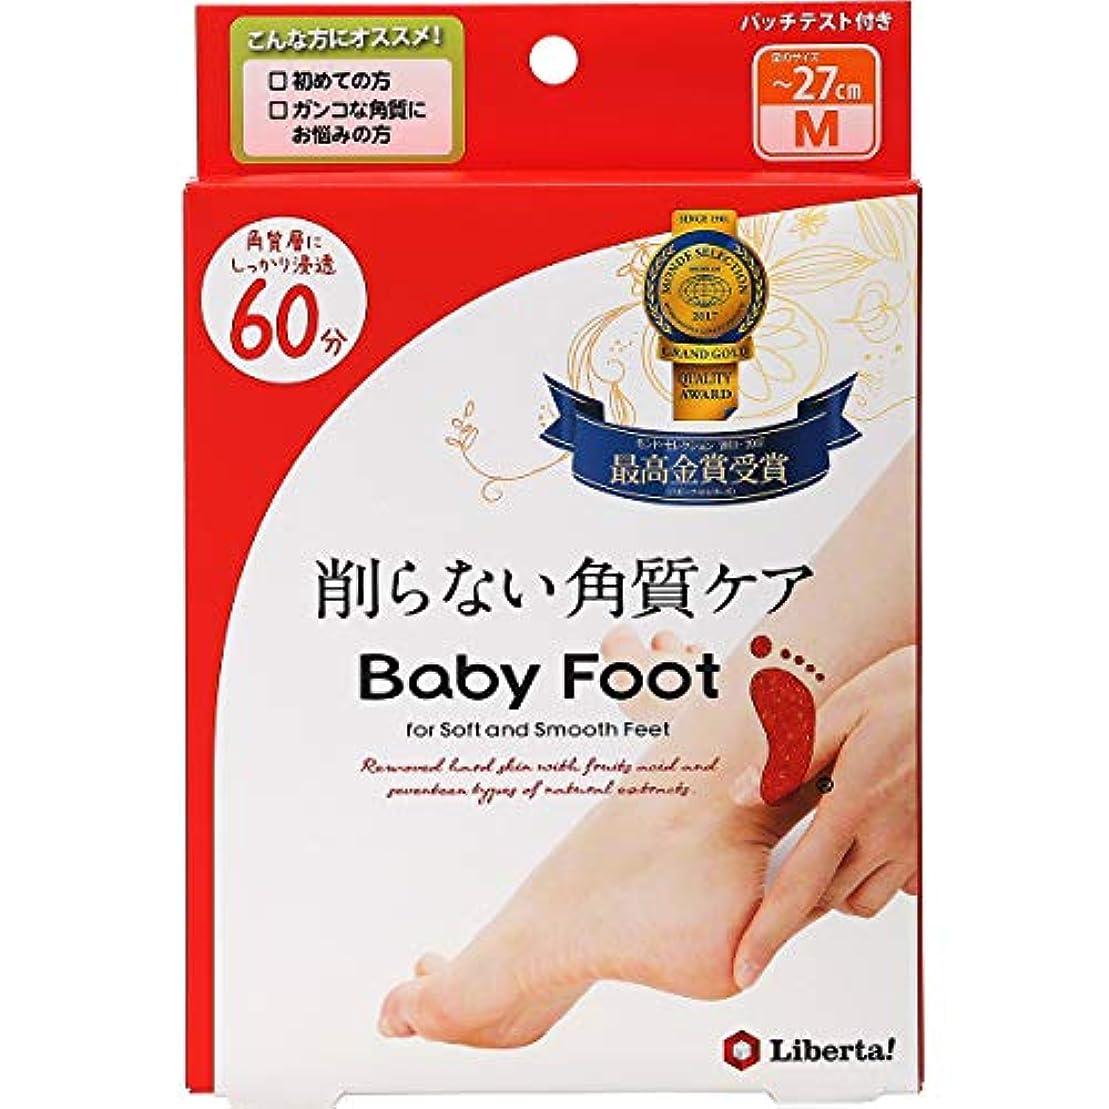 ハンマー個性鉛筆ベビーフット (Baby Foot) ベビーフット イージーパック SPT60分タイプ Mサイズ 単品